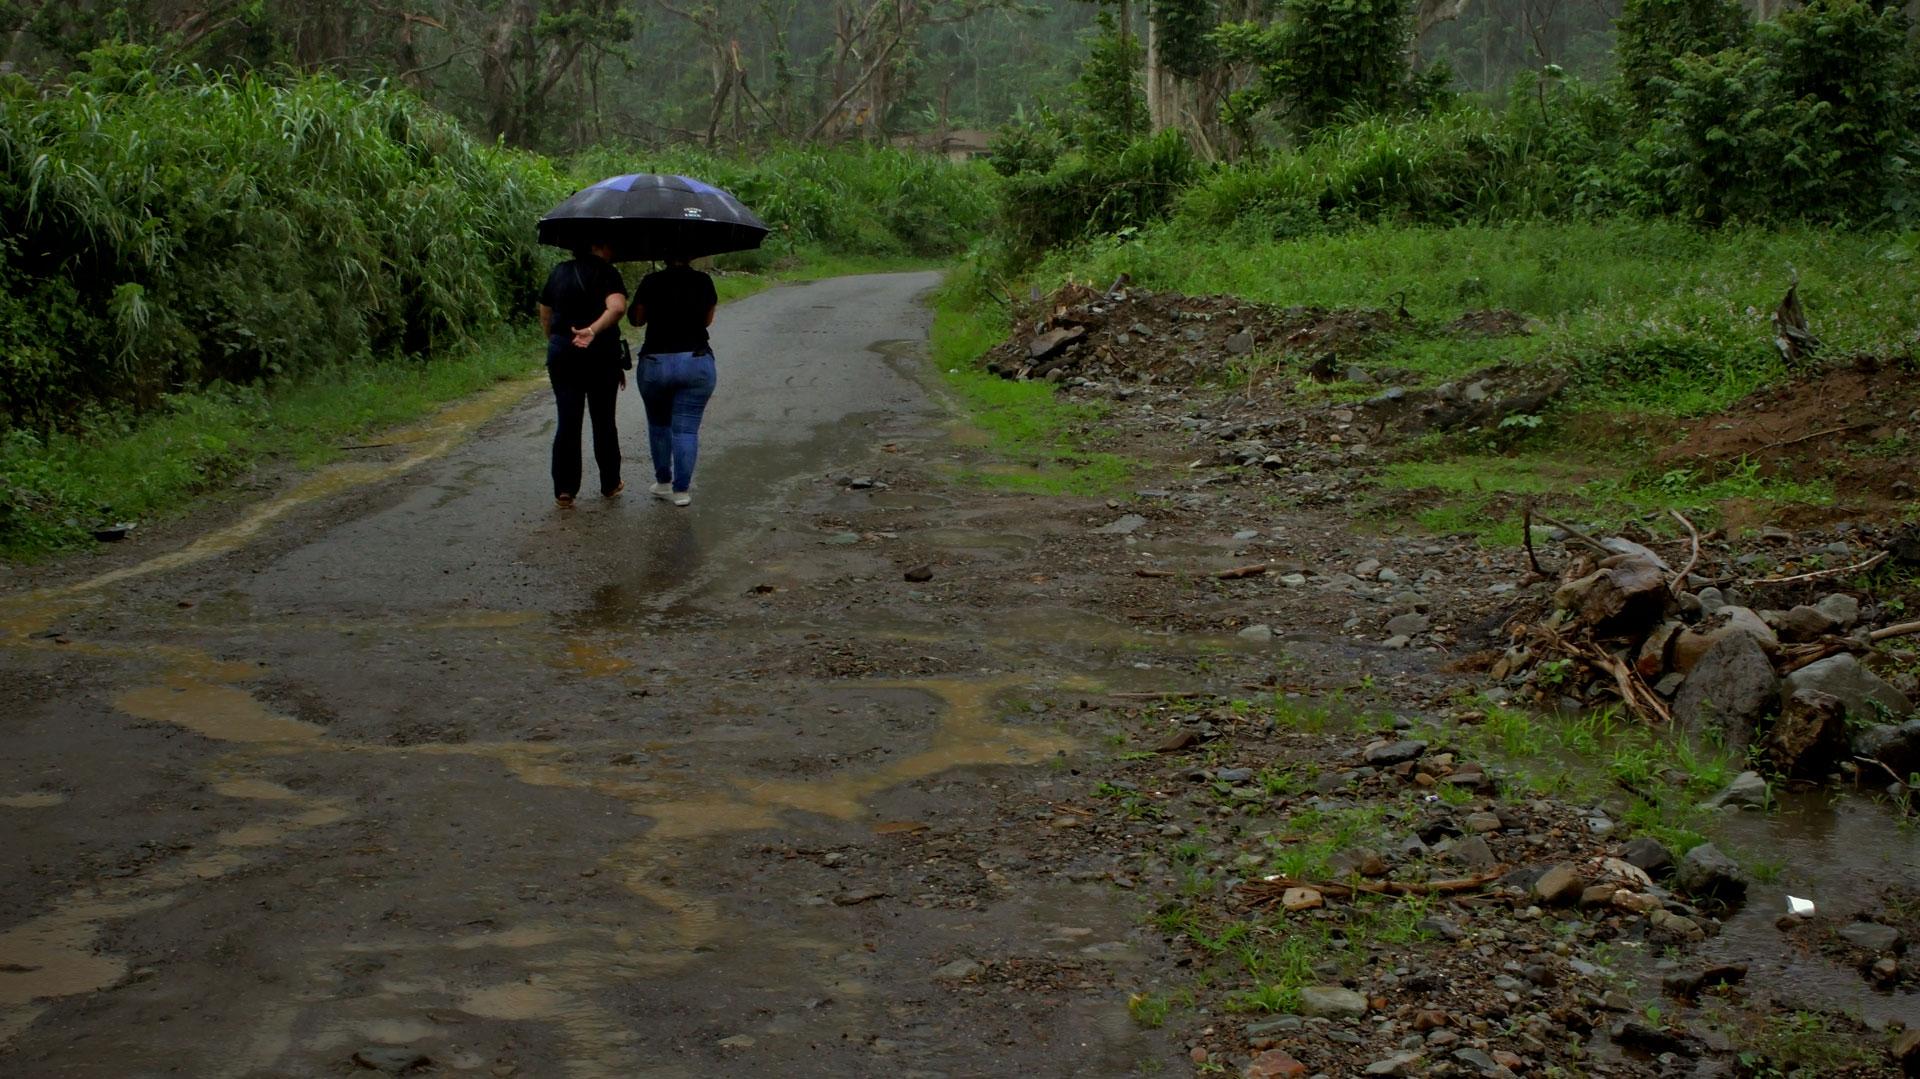 Visita a Orocovis, Puerto Rico tras el Huracán María.